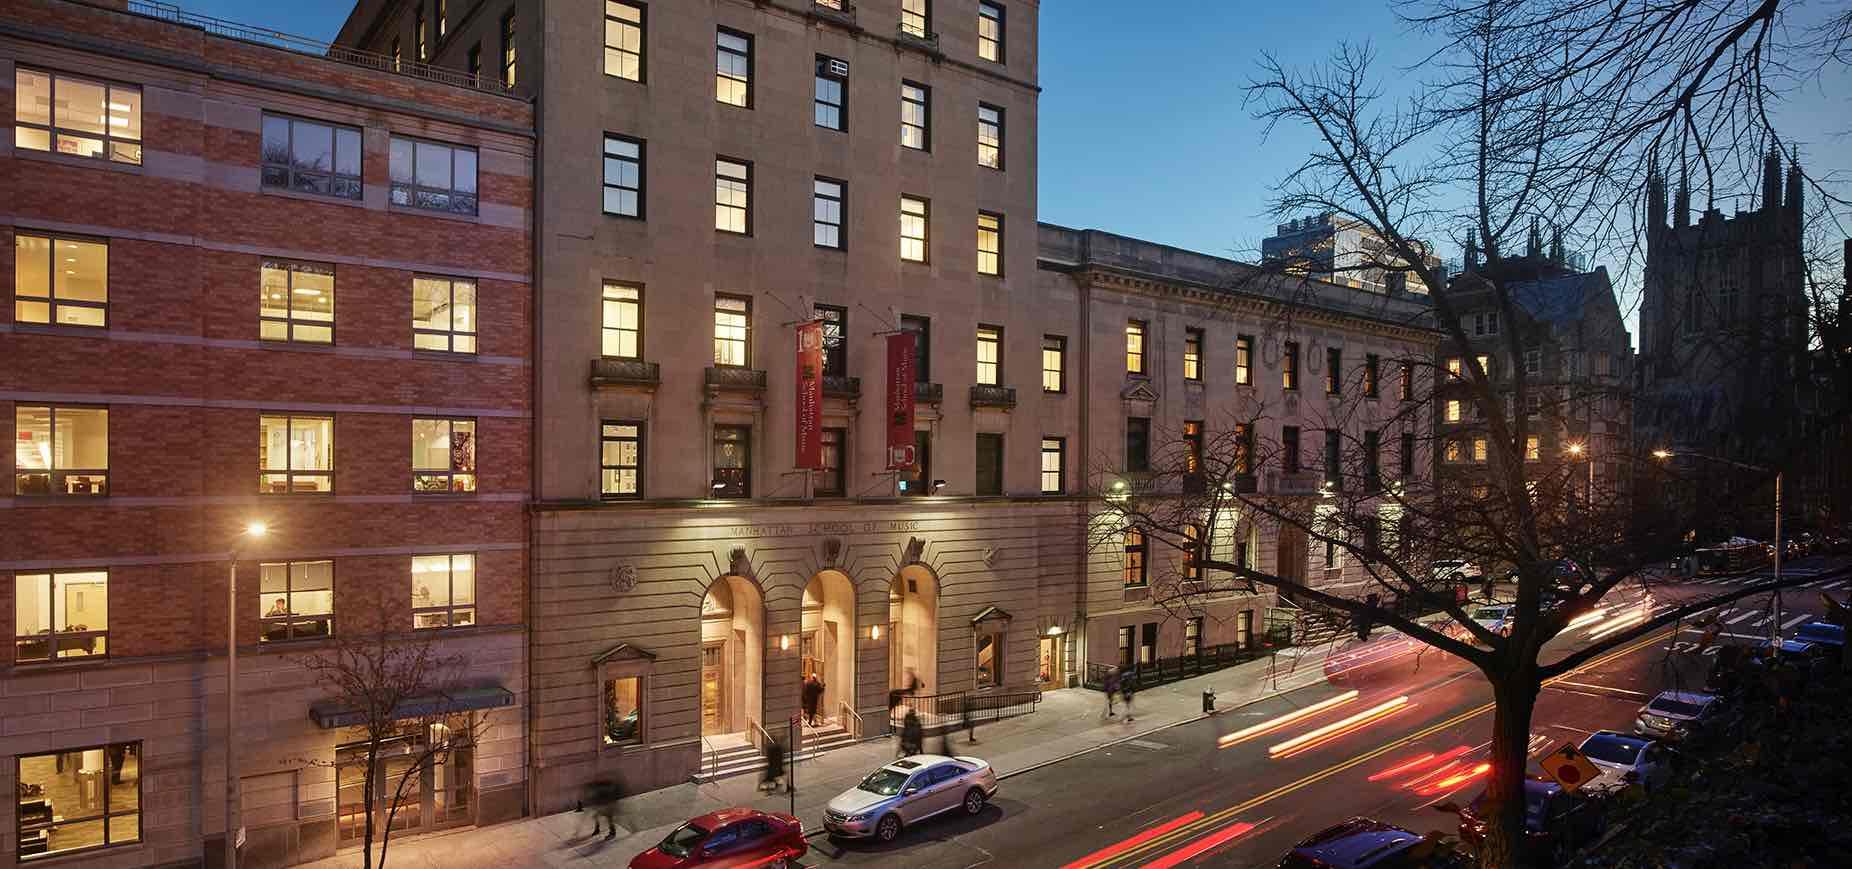 曼哈顿音乐学院